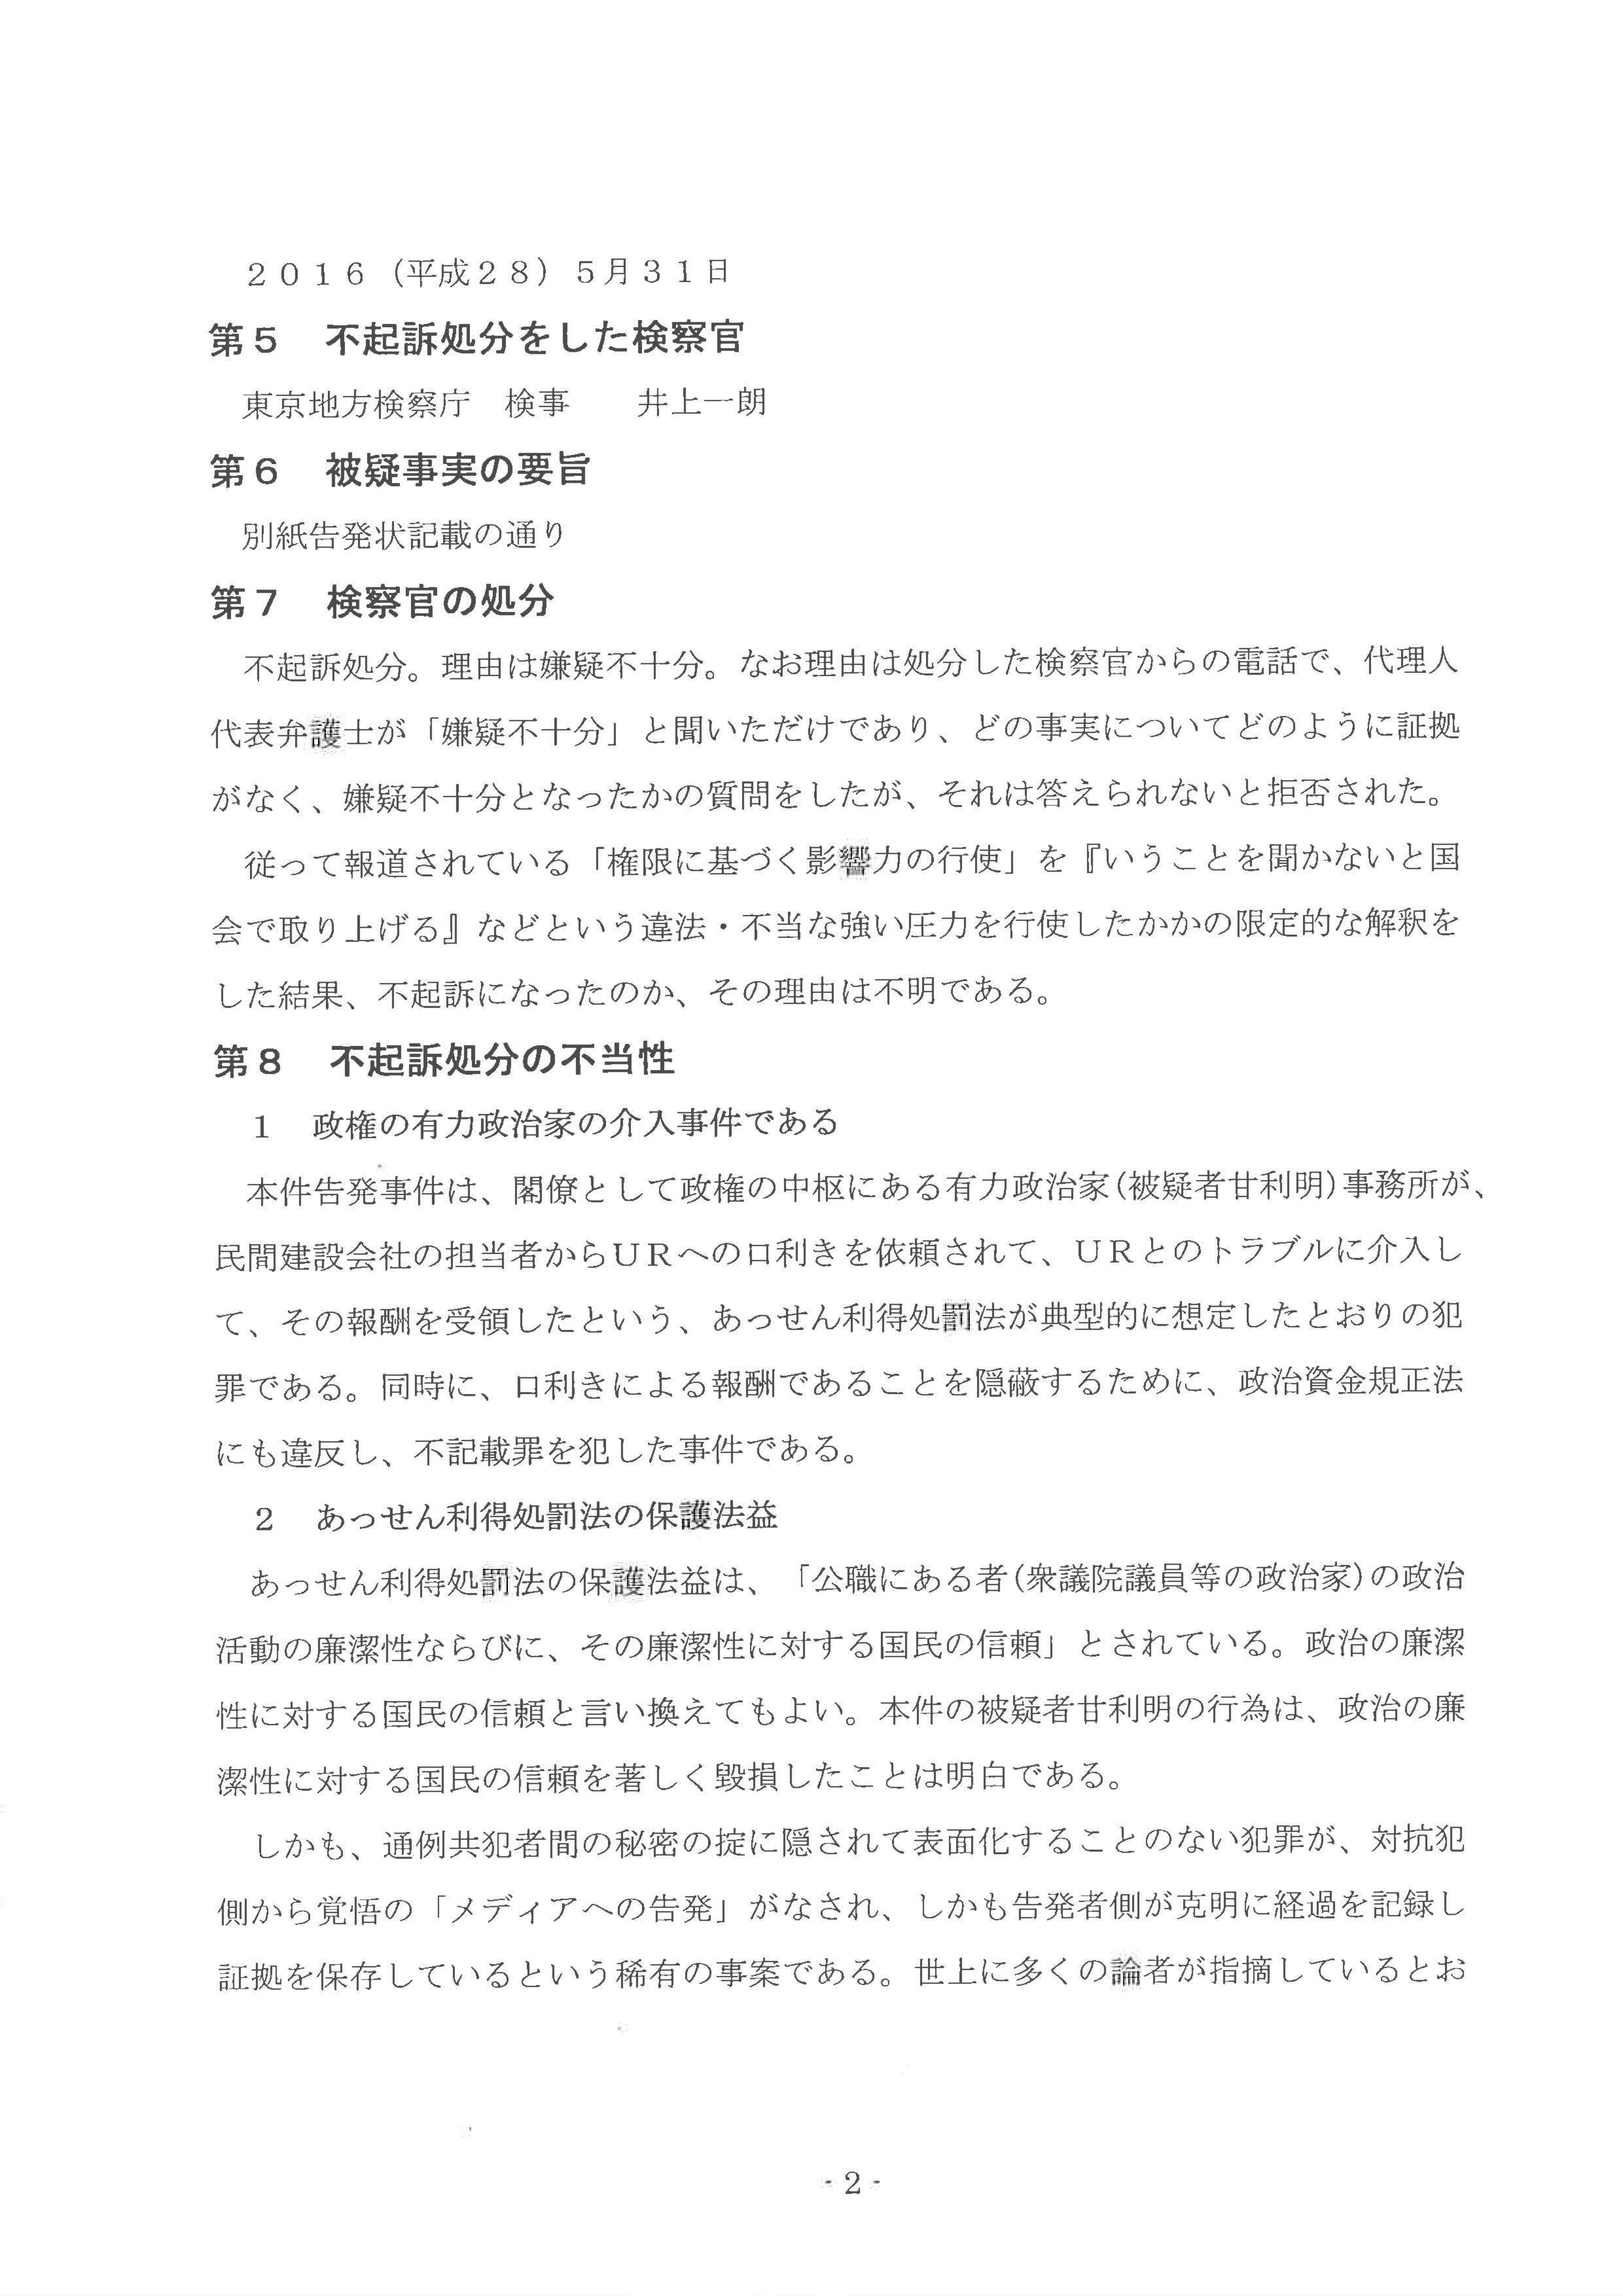 甘利申立書2